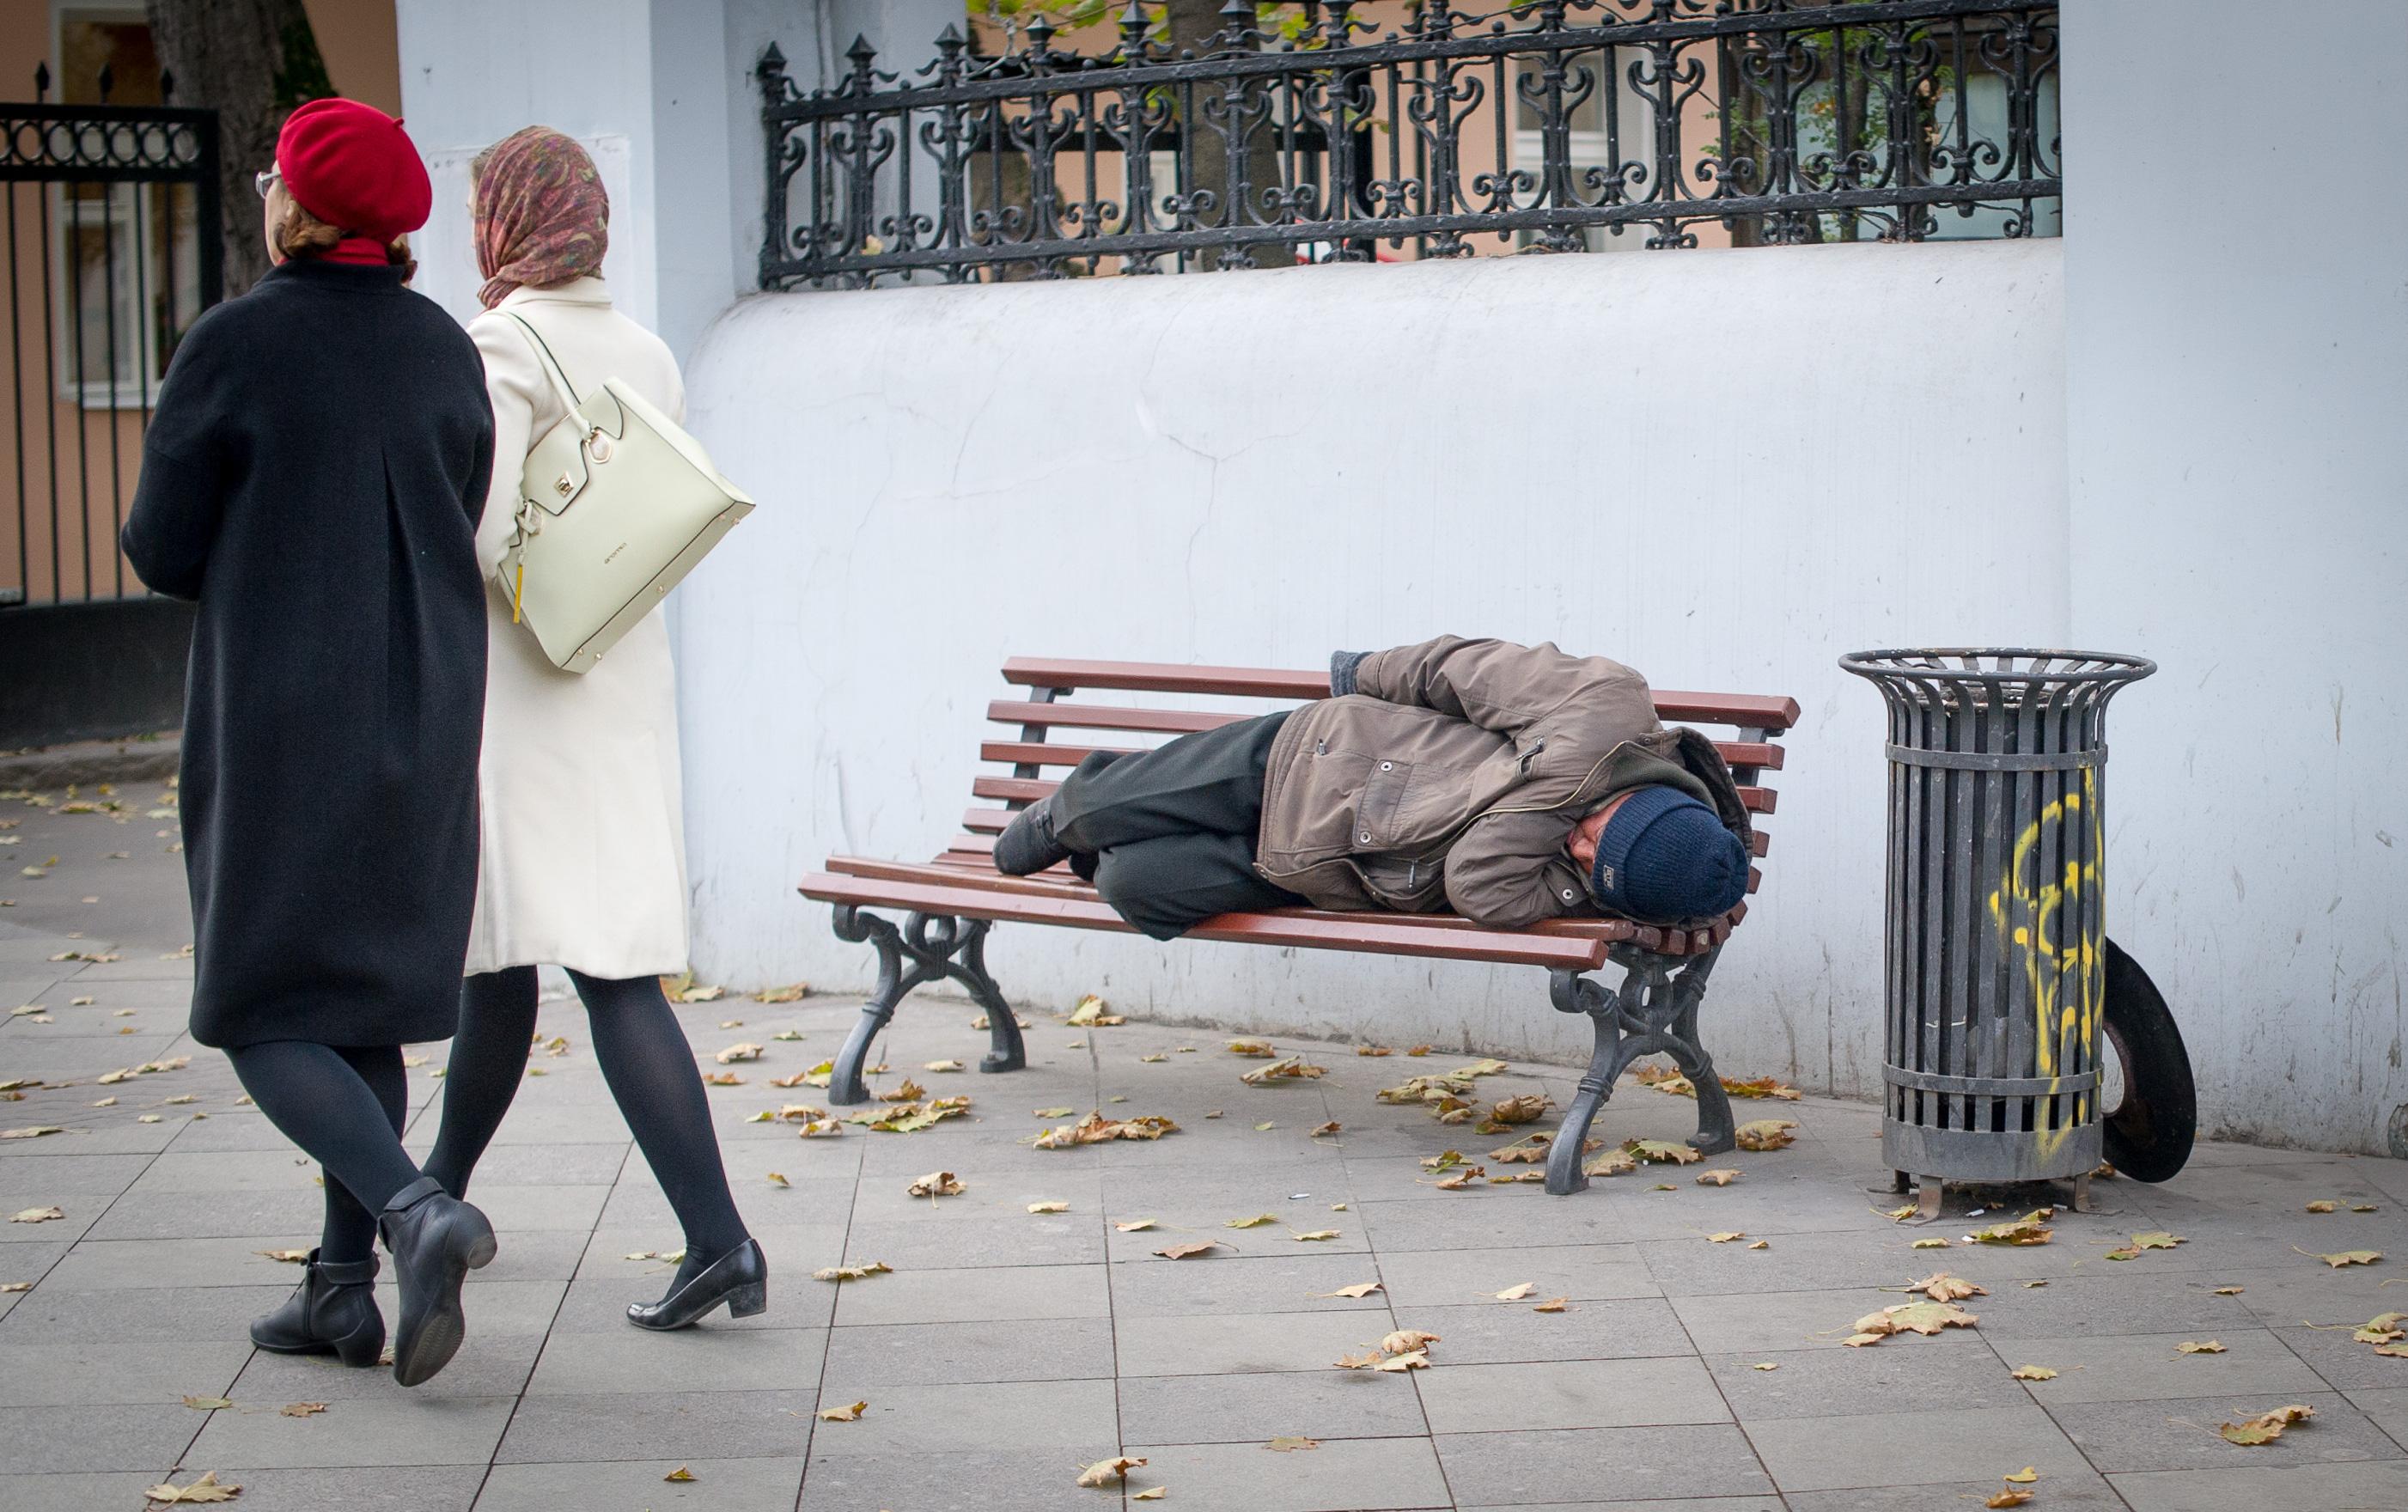 В России большая вероятность генерализованной эпидемии СПИДа - Минздрав